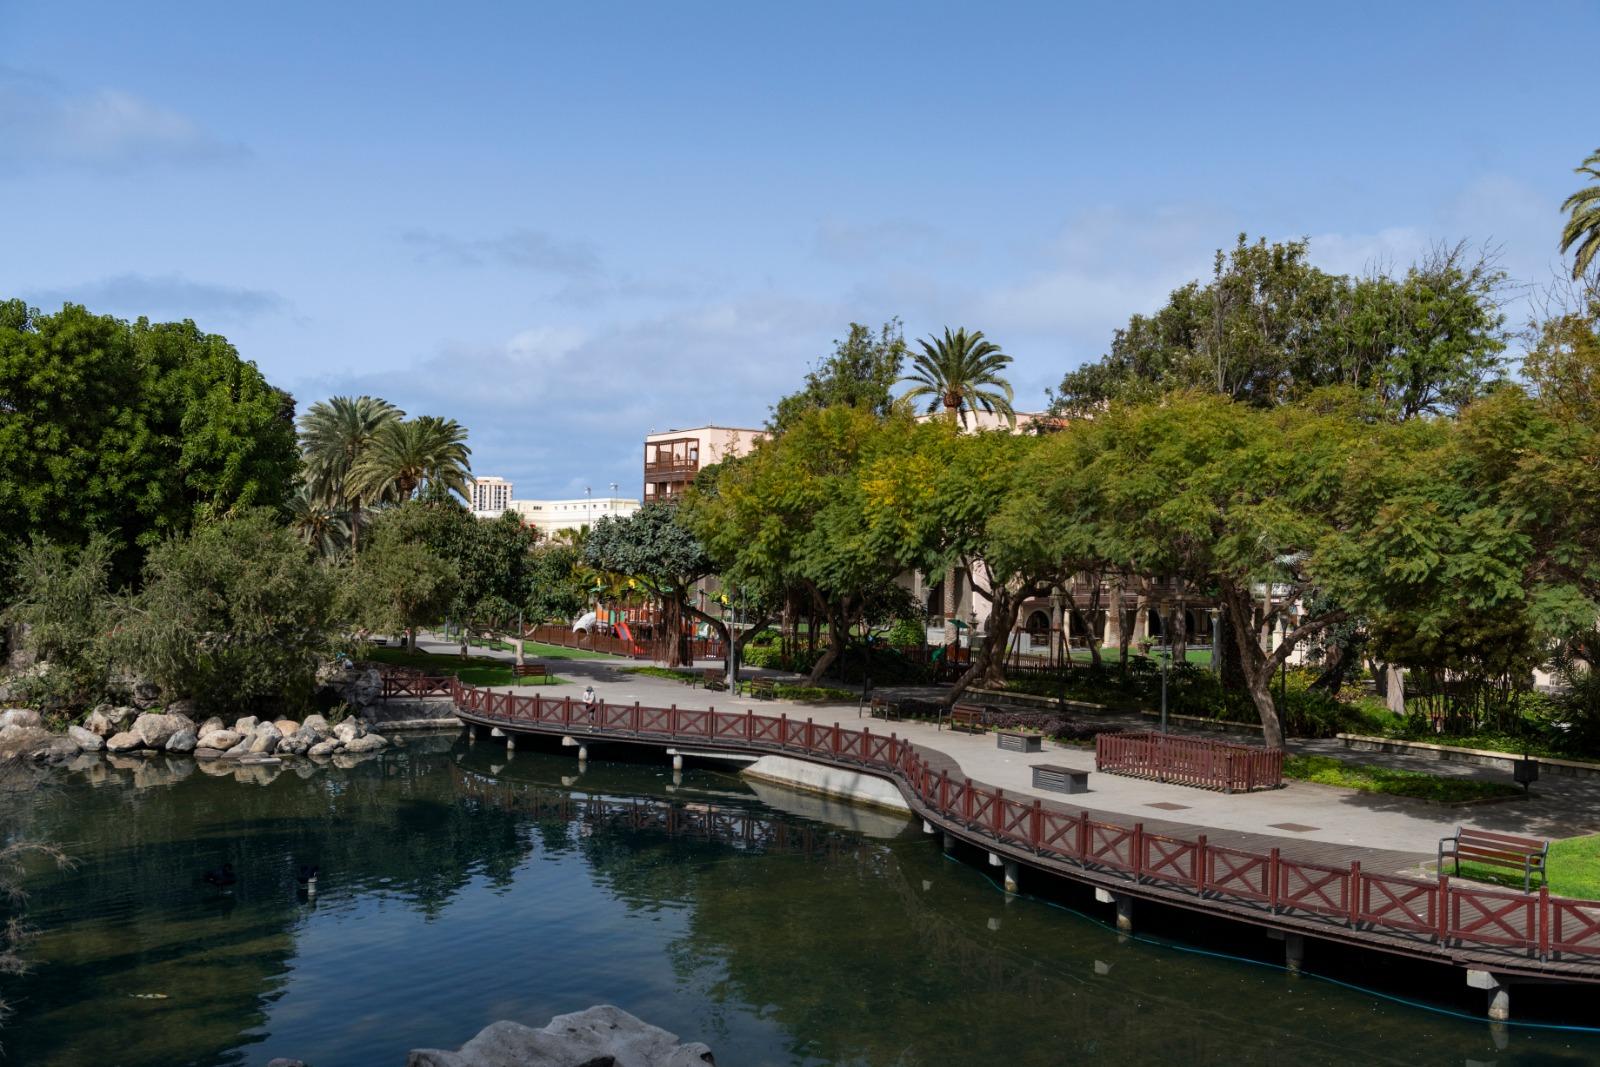 Kleos Doramas, la app gratuita que construye un relato a través de las plantas del parque Doramas de Las Palmas de Gran Canaria